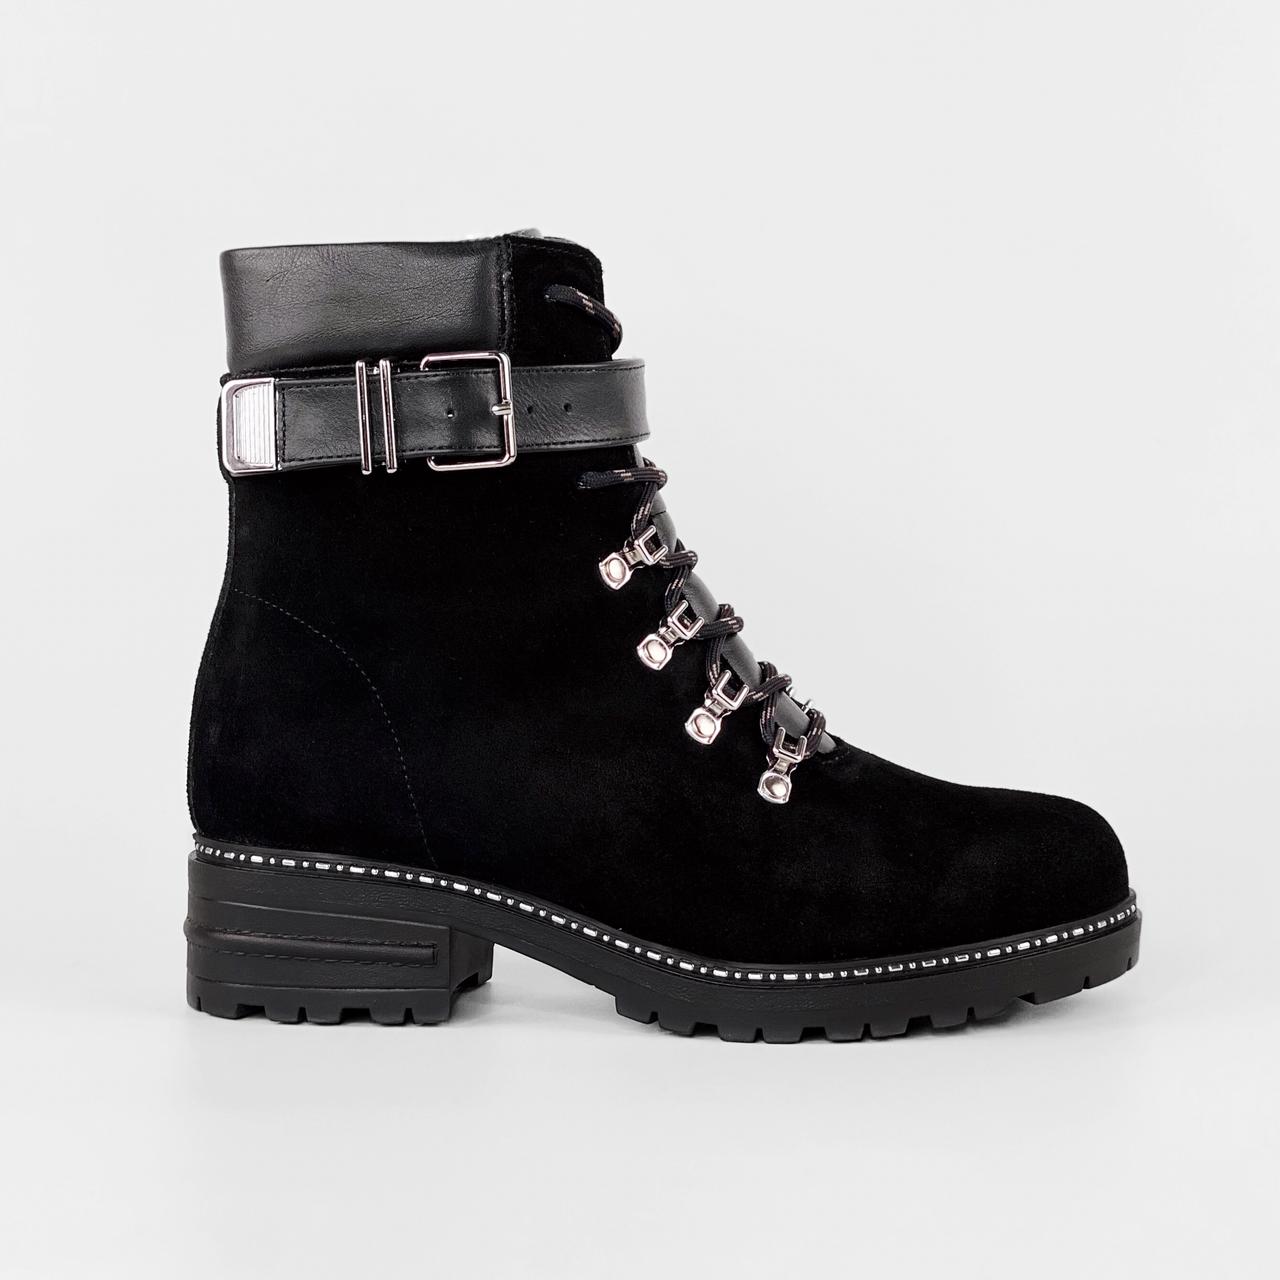 Ботинки женские замшевые черные на шнурках с ремнем MORENTO зимние